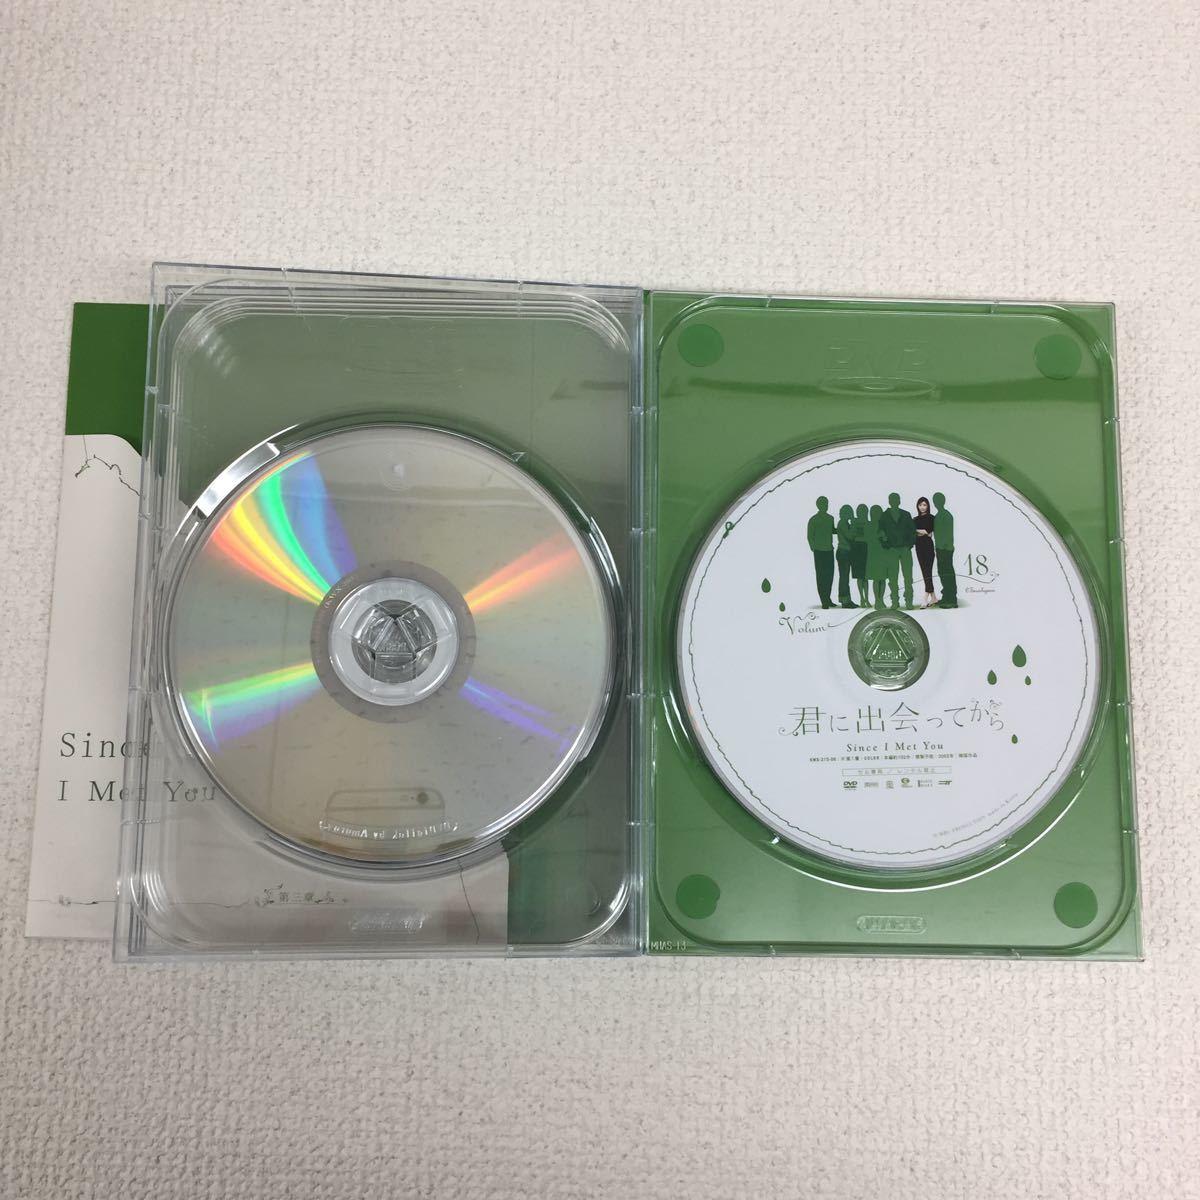 君に出会ってから 第三章 DVD-BOX 3 セル版 6枚組 韓国 ドラマ 韓流 日本語字幕 チョン・ソンジュ パク・ジョン リュ・シウォン_画像9